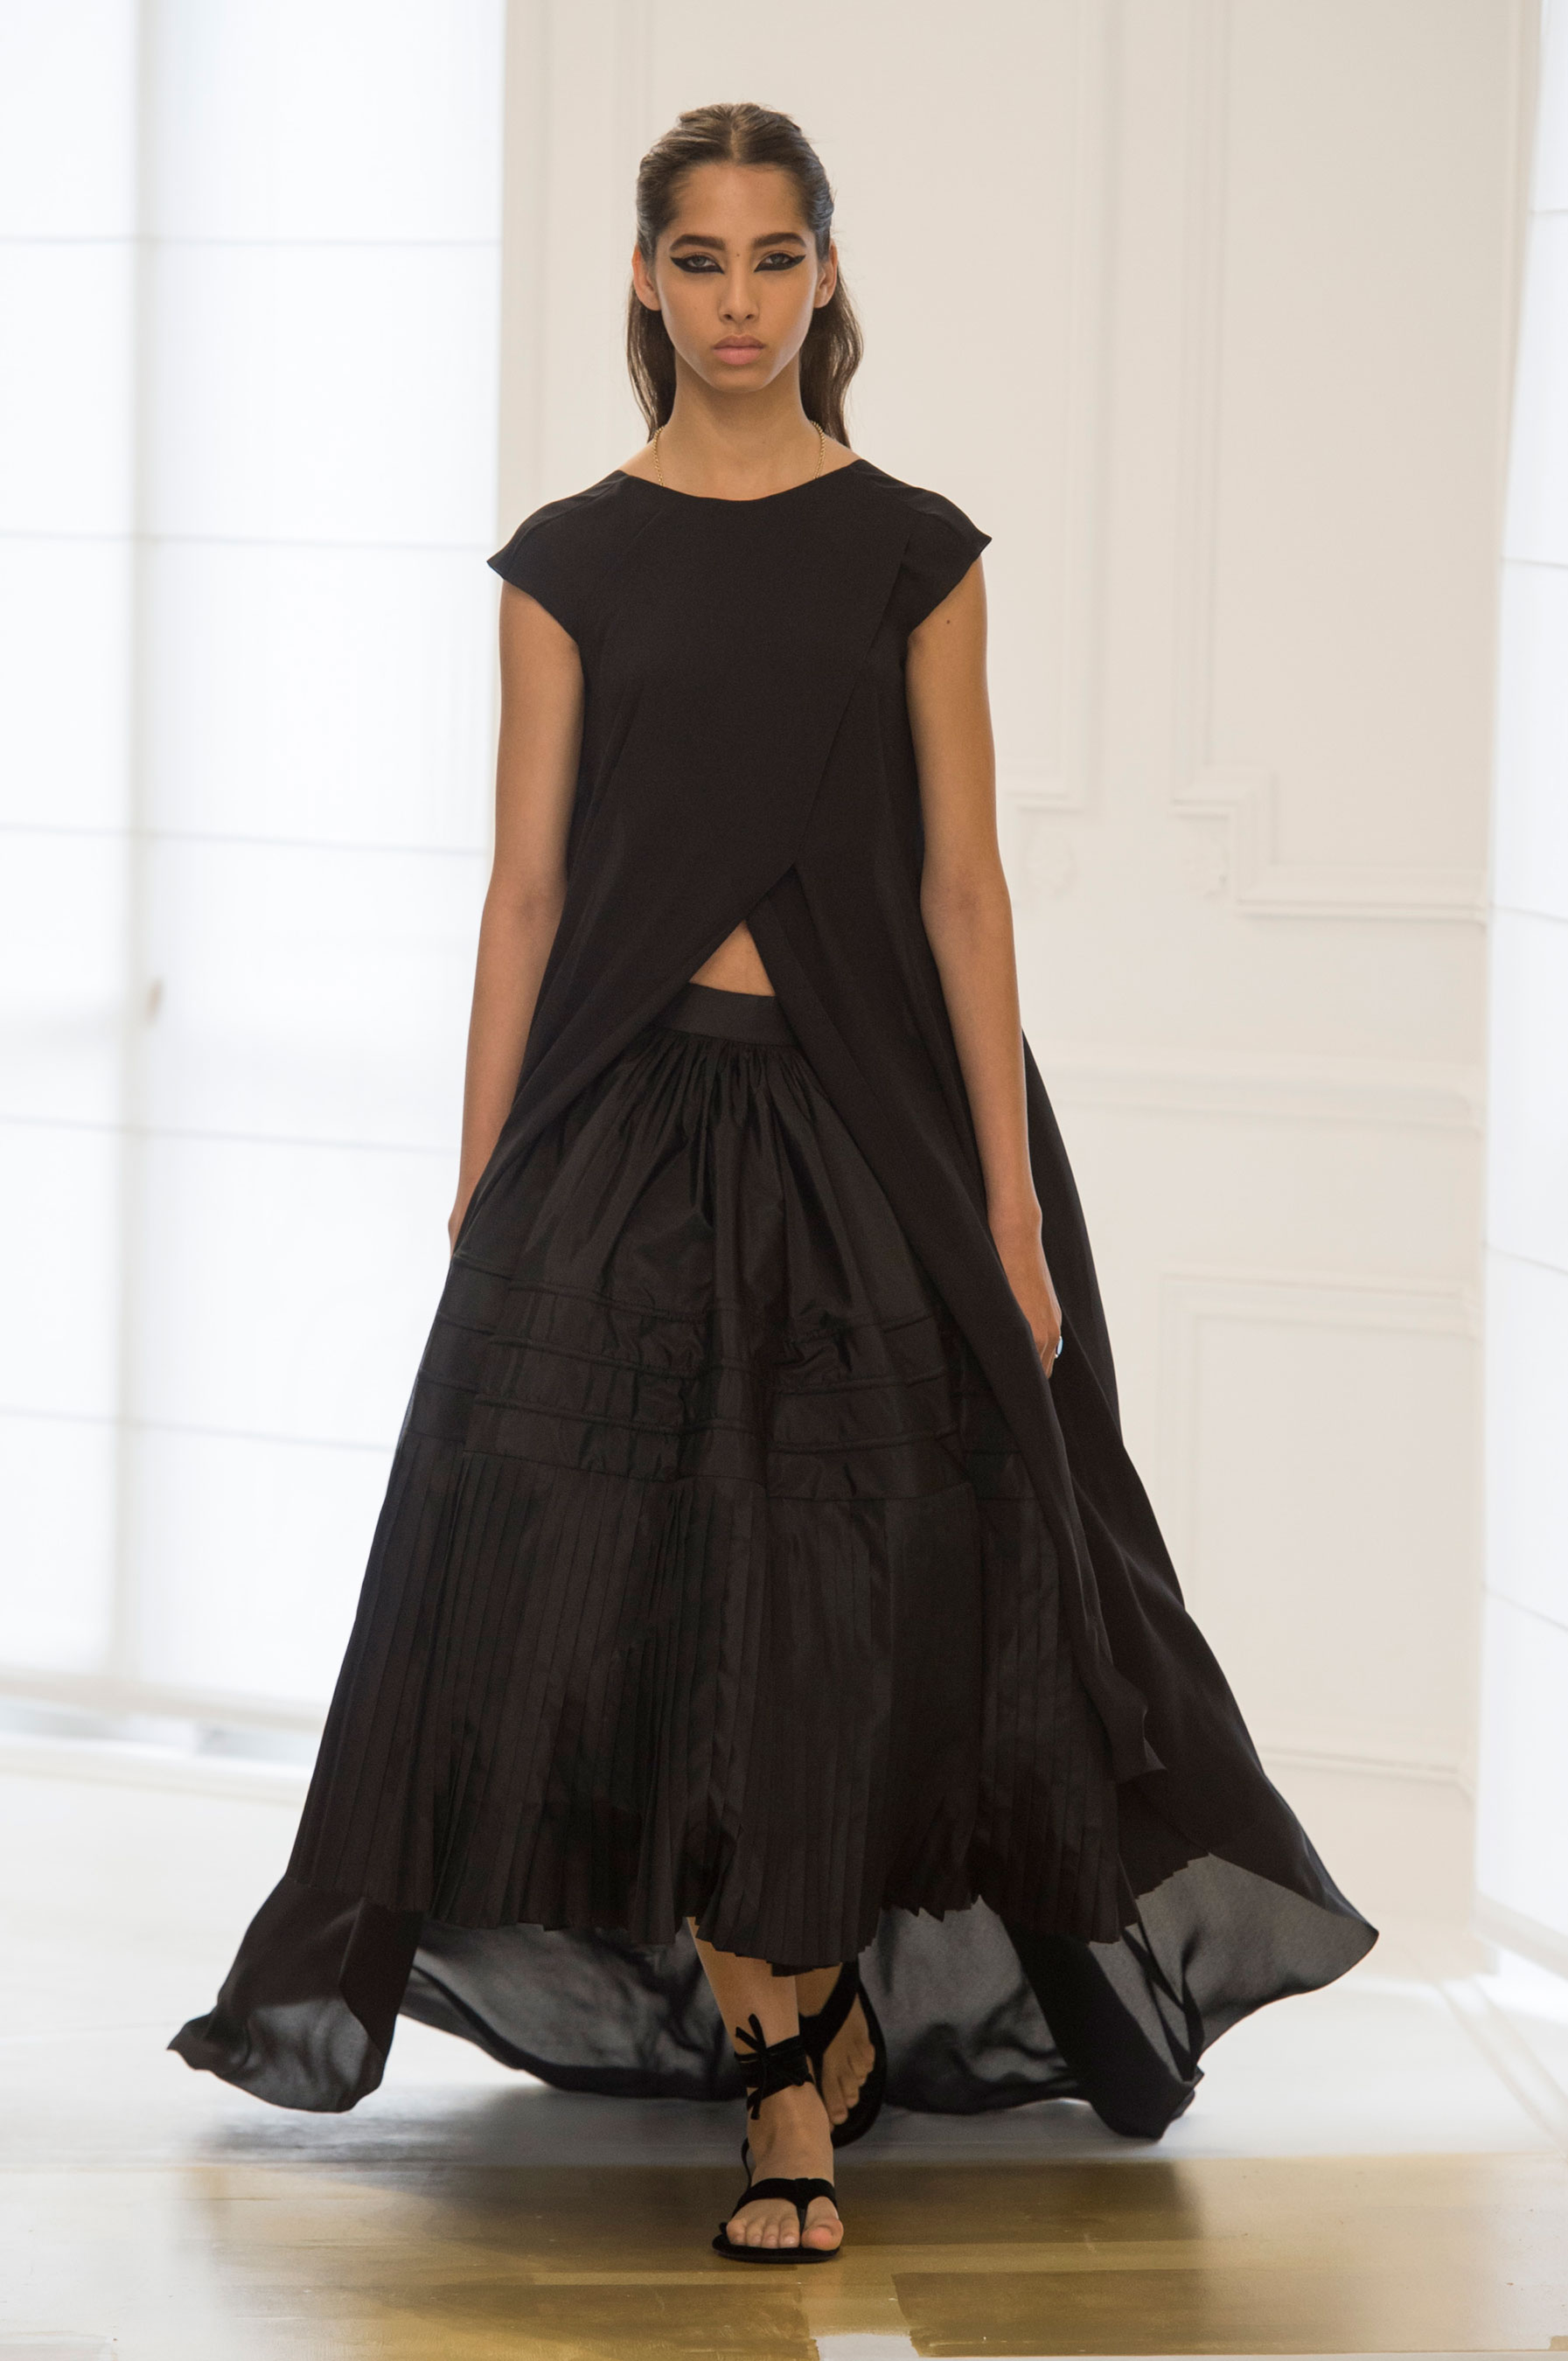 d fil christian dior haute couture automne hiver 2016 2017 paris elle. Black Bedroom Furniture Sets. Home Design Ideas